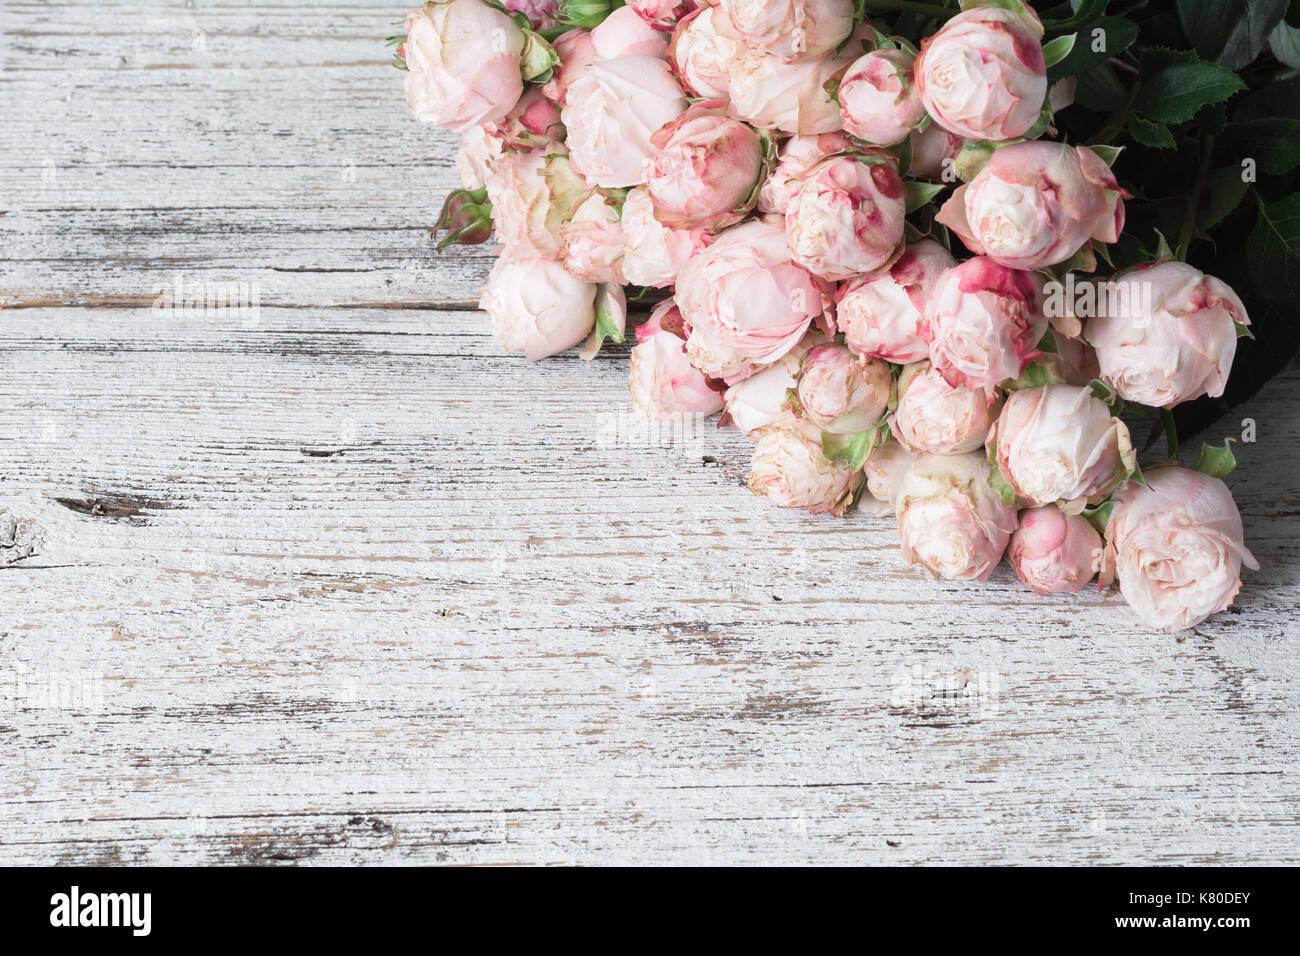 rosen auf vintage holz hintergrund floral frame hintergrund hochzeit hintergrund oder. Black Bedroom Furniture Sets. Home Design Ideas